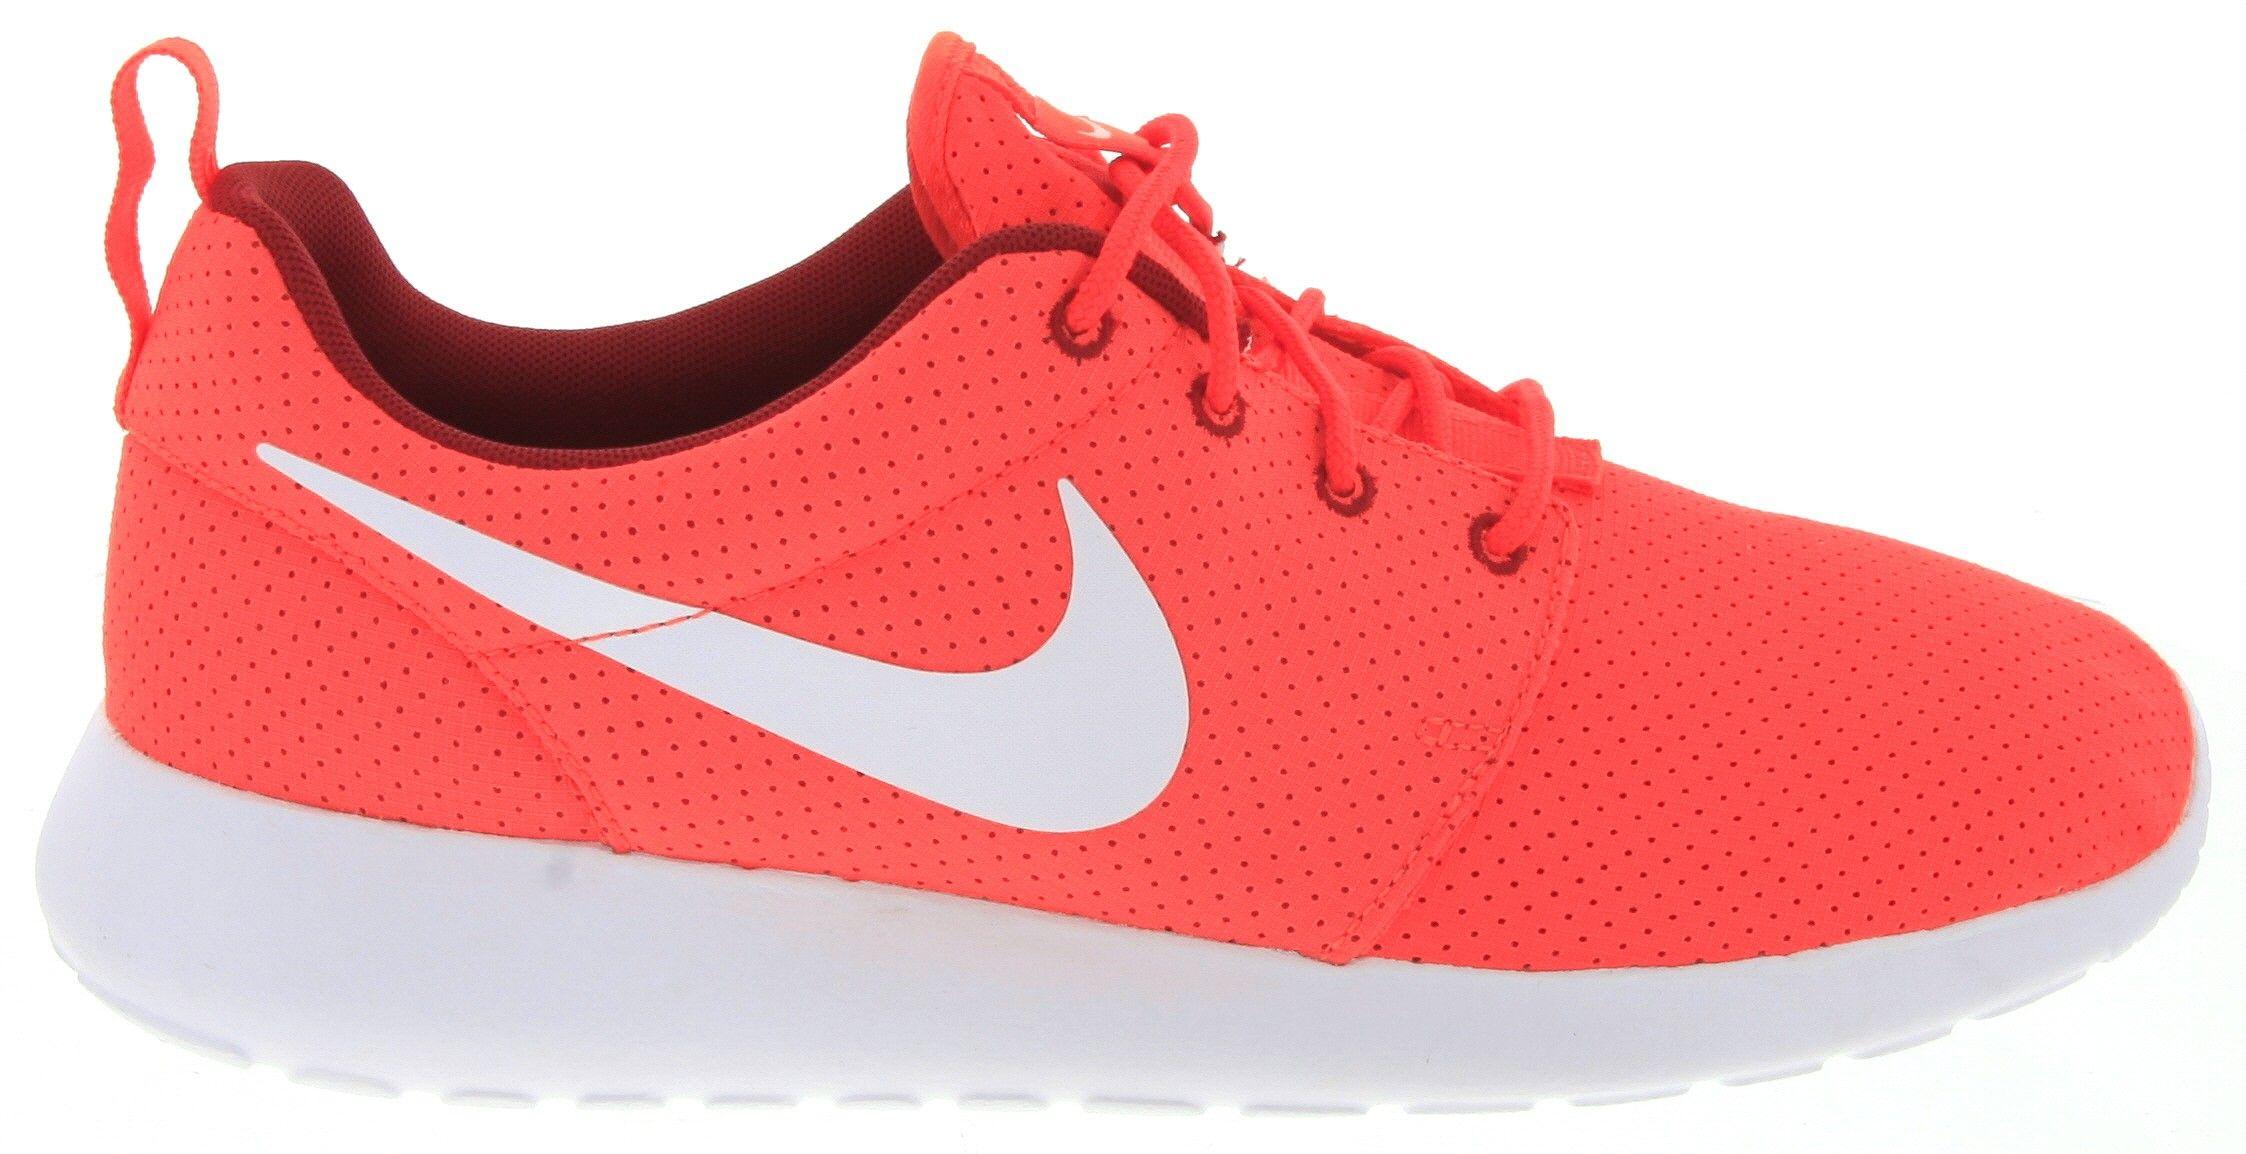 Roshe Run 14 Sneakers in Orange